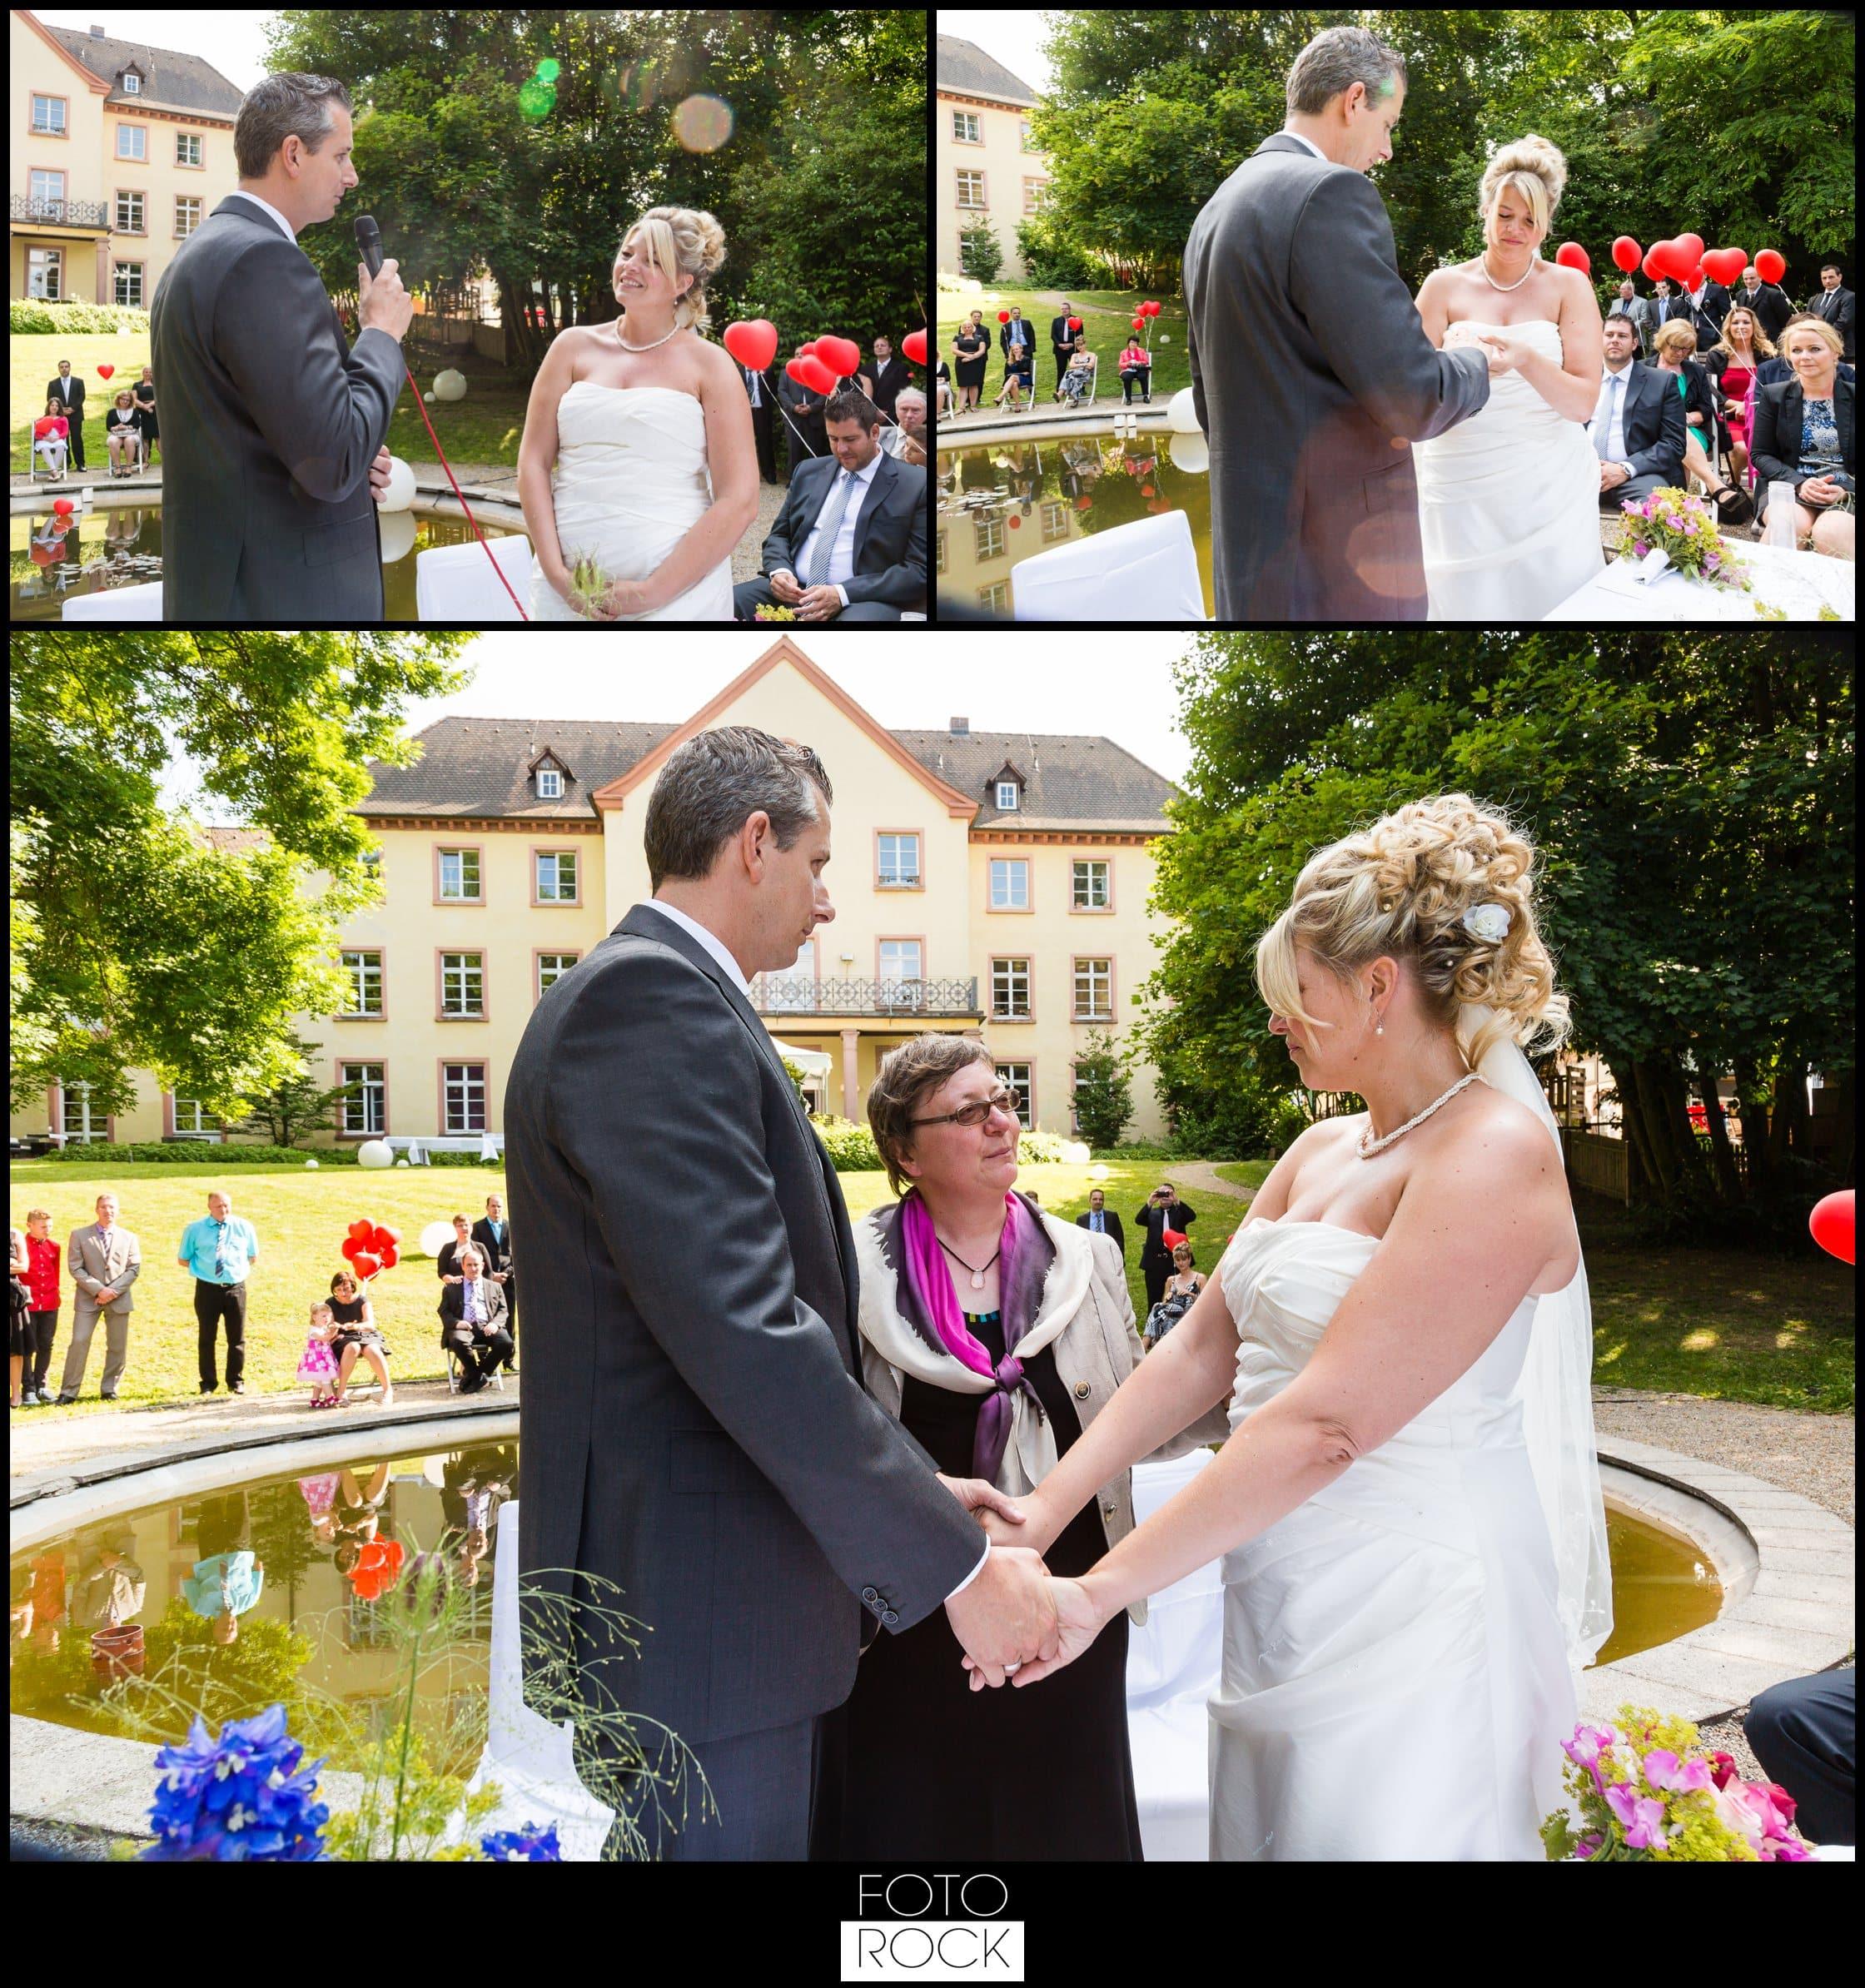 Hochzeit Jesuitenschloss Freiburg brautpaar trauung rede ringtausch